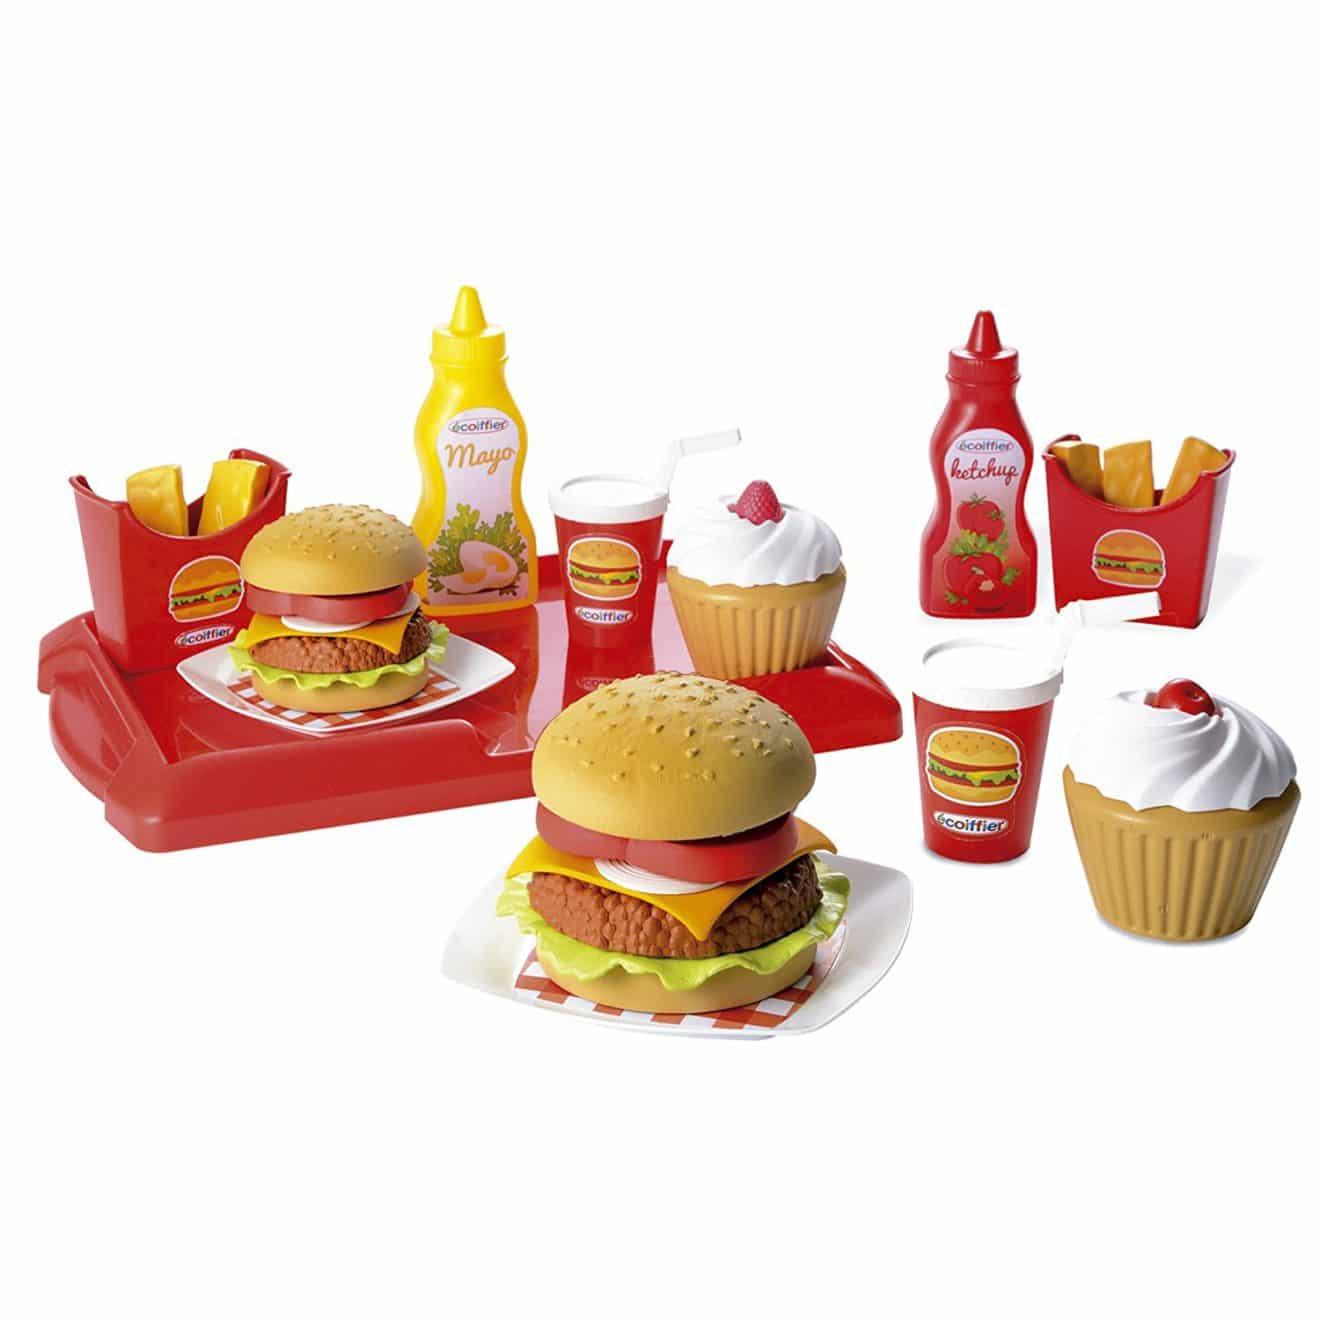 accessoires cuisine pour enfants : set hamburger ecoiffier